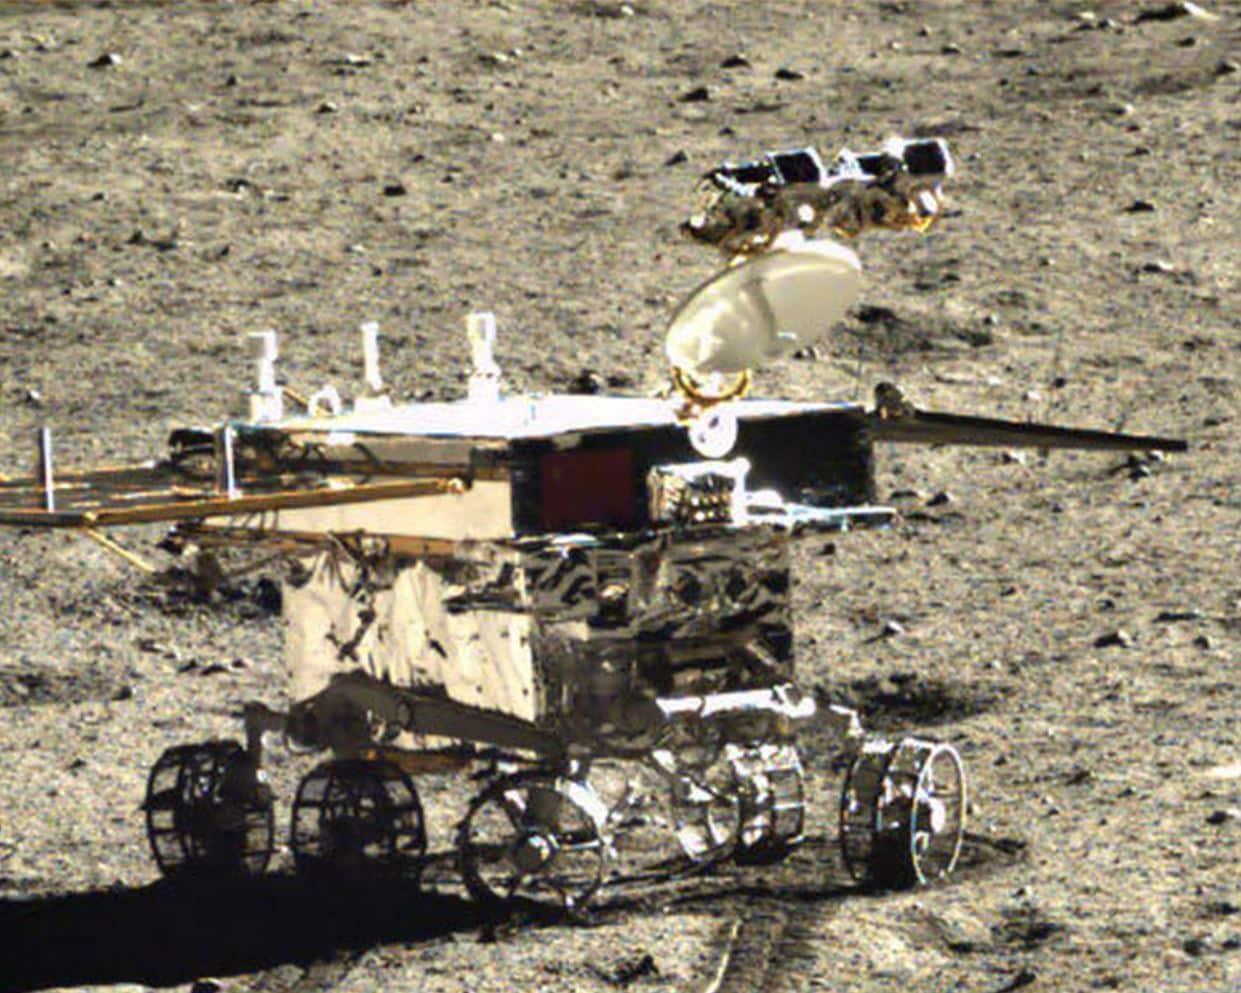 La Cina in dirittura d'arrivo sull'altra faccia della Luna - Scienza & Tecnica